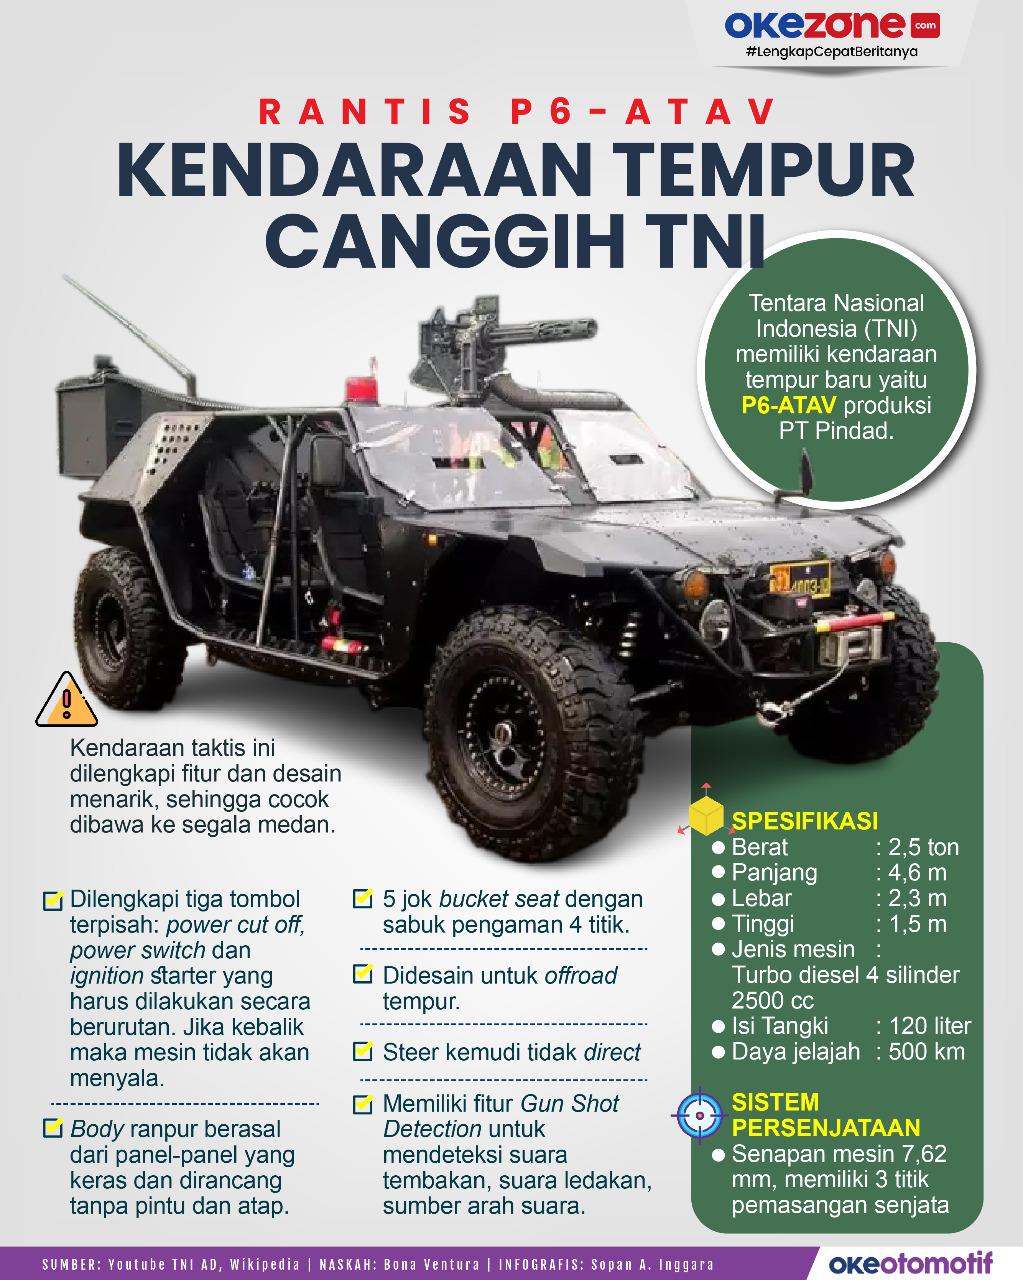 Mengenal Rantis P6-ATAV, Kendaraan Tempur Canggih Milik TNI -